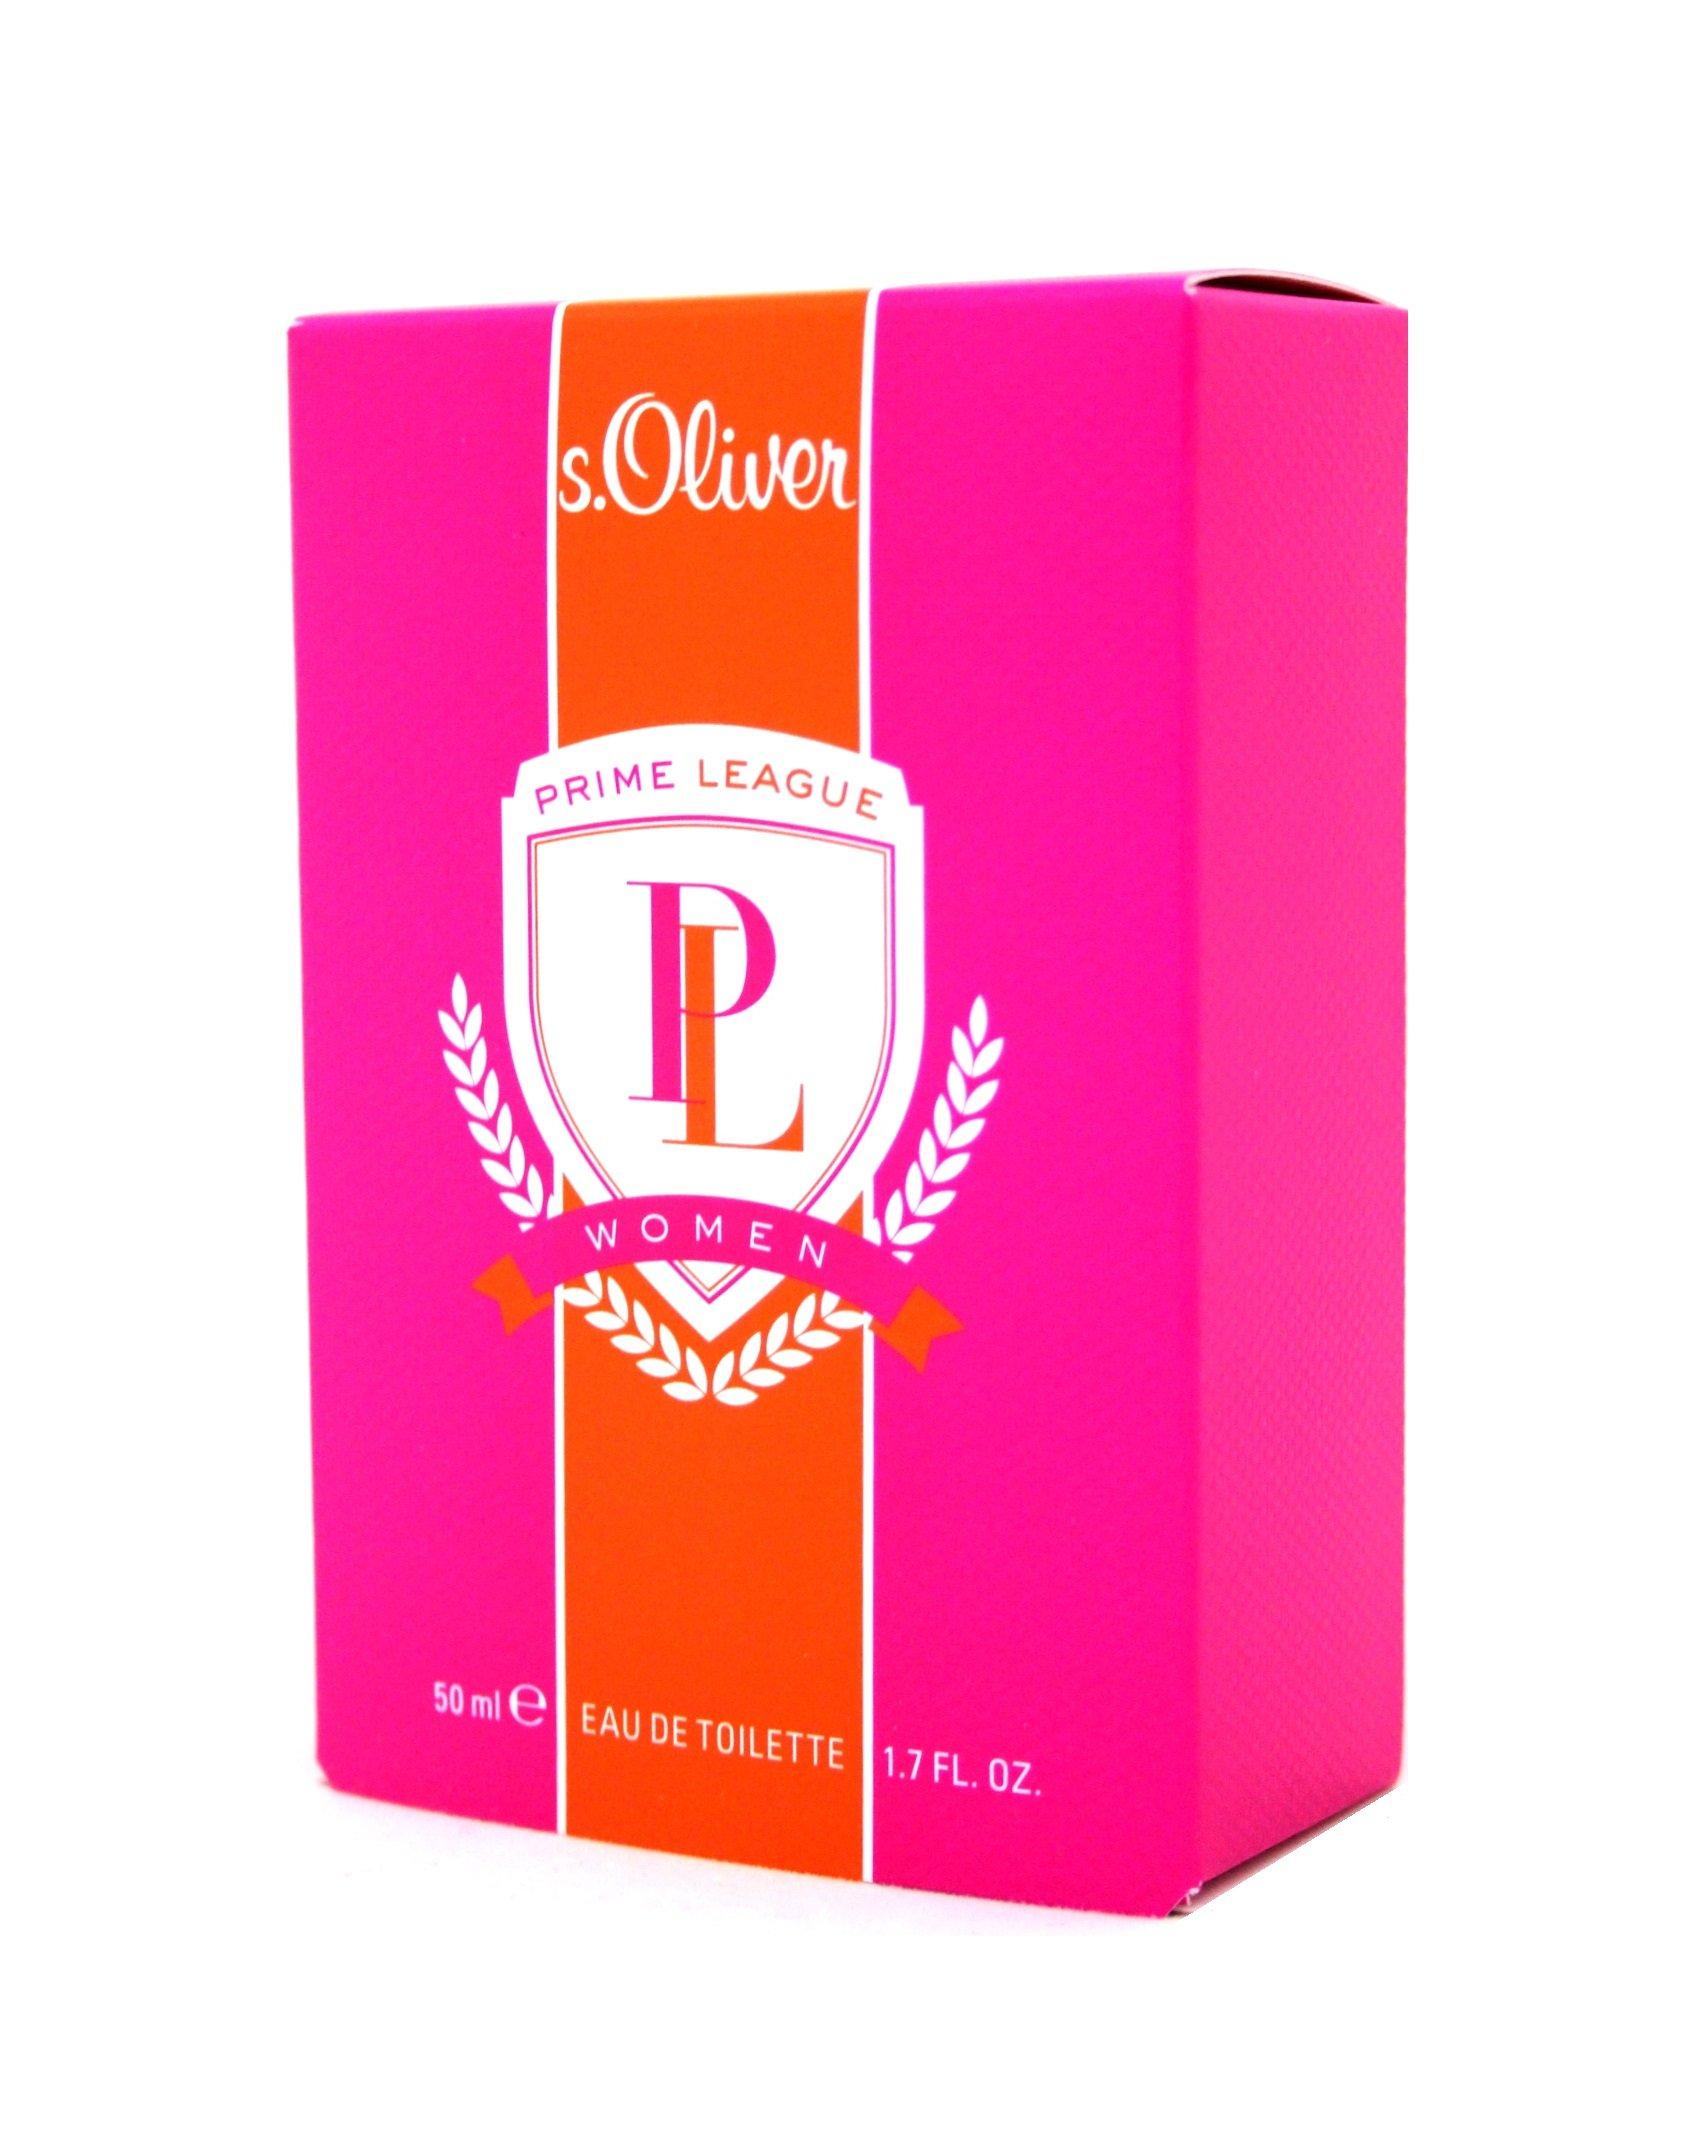 s.Oliver Prime League Women Eau de Toilette